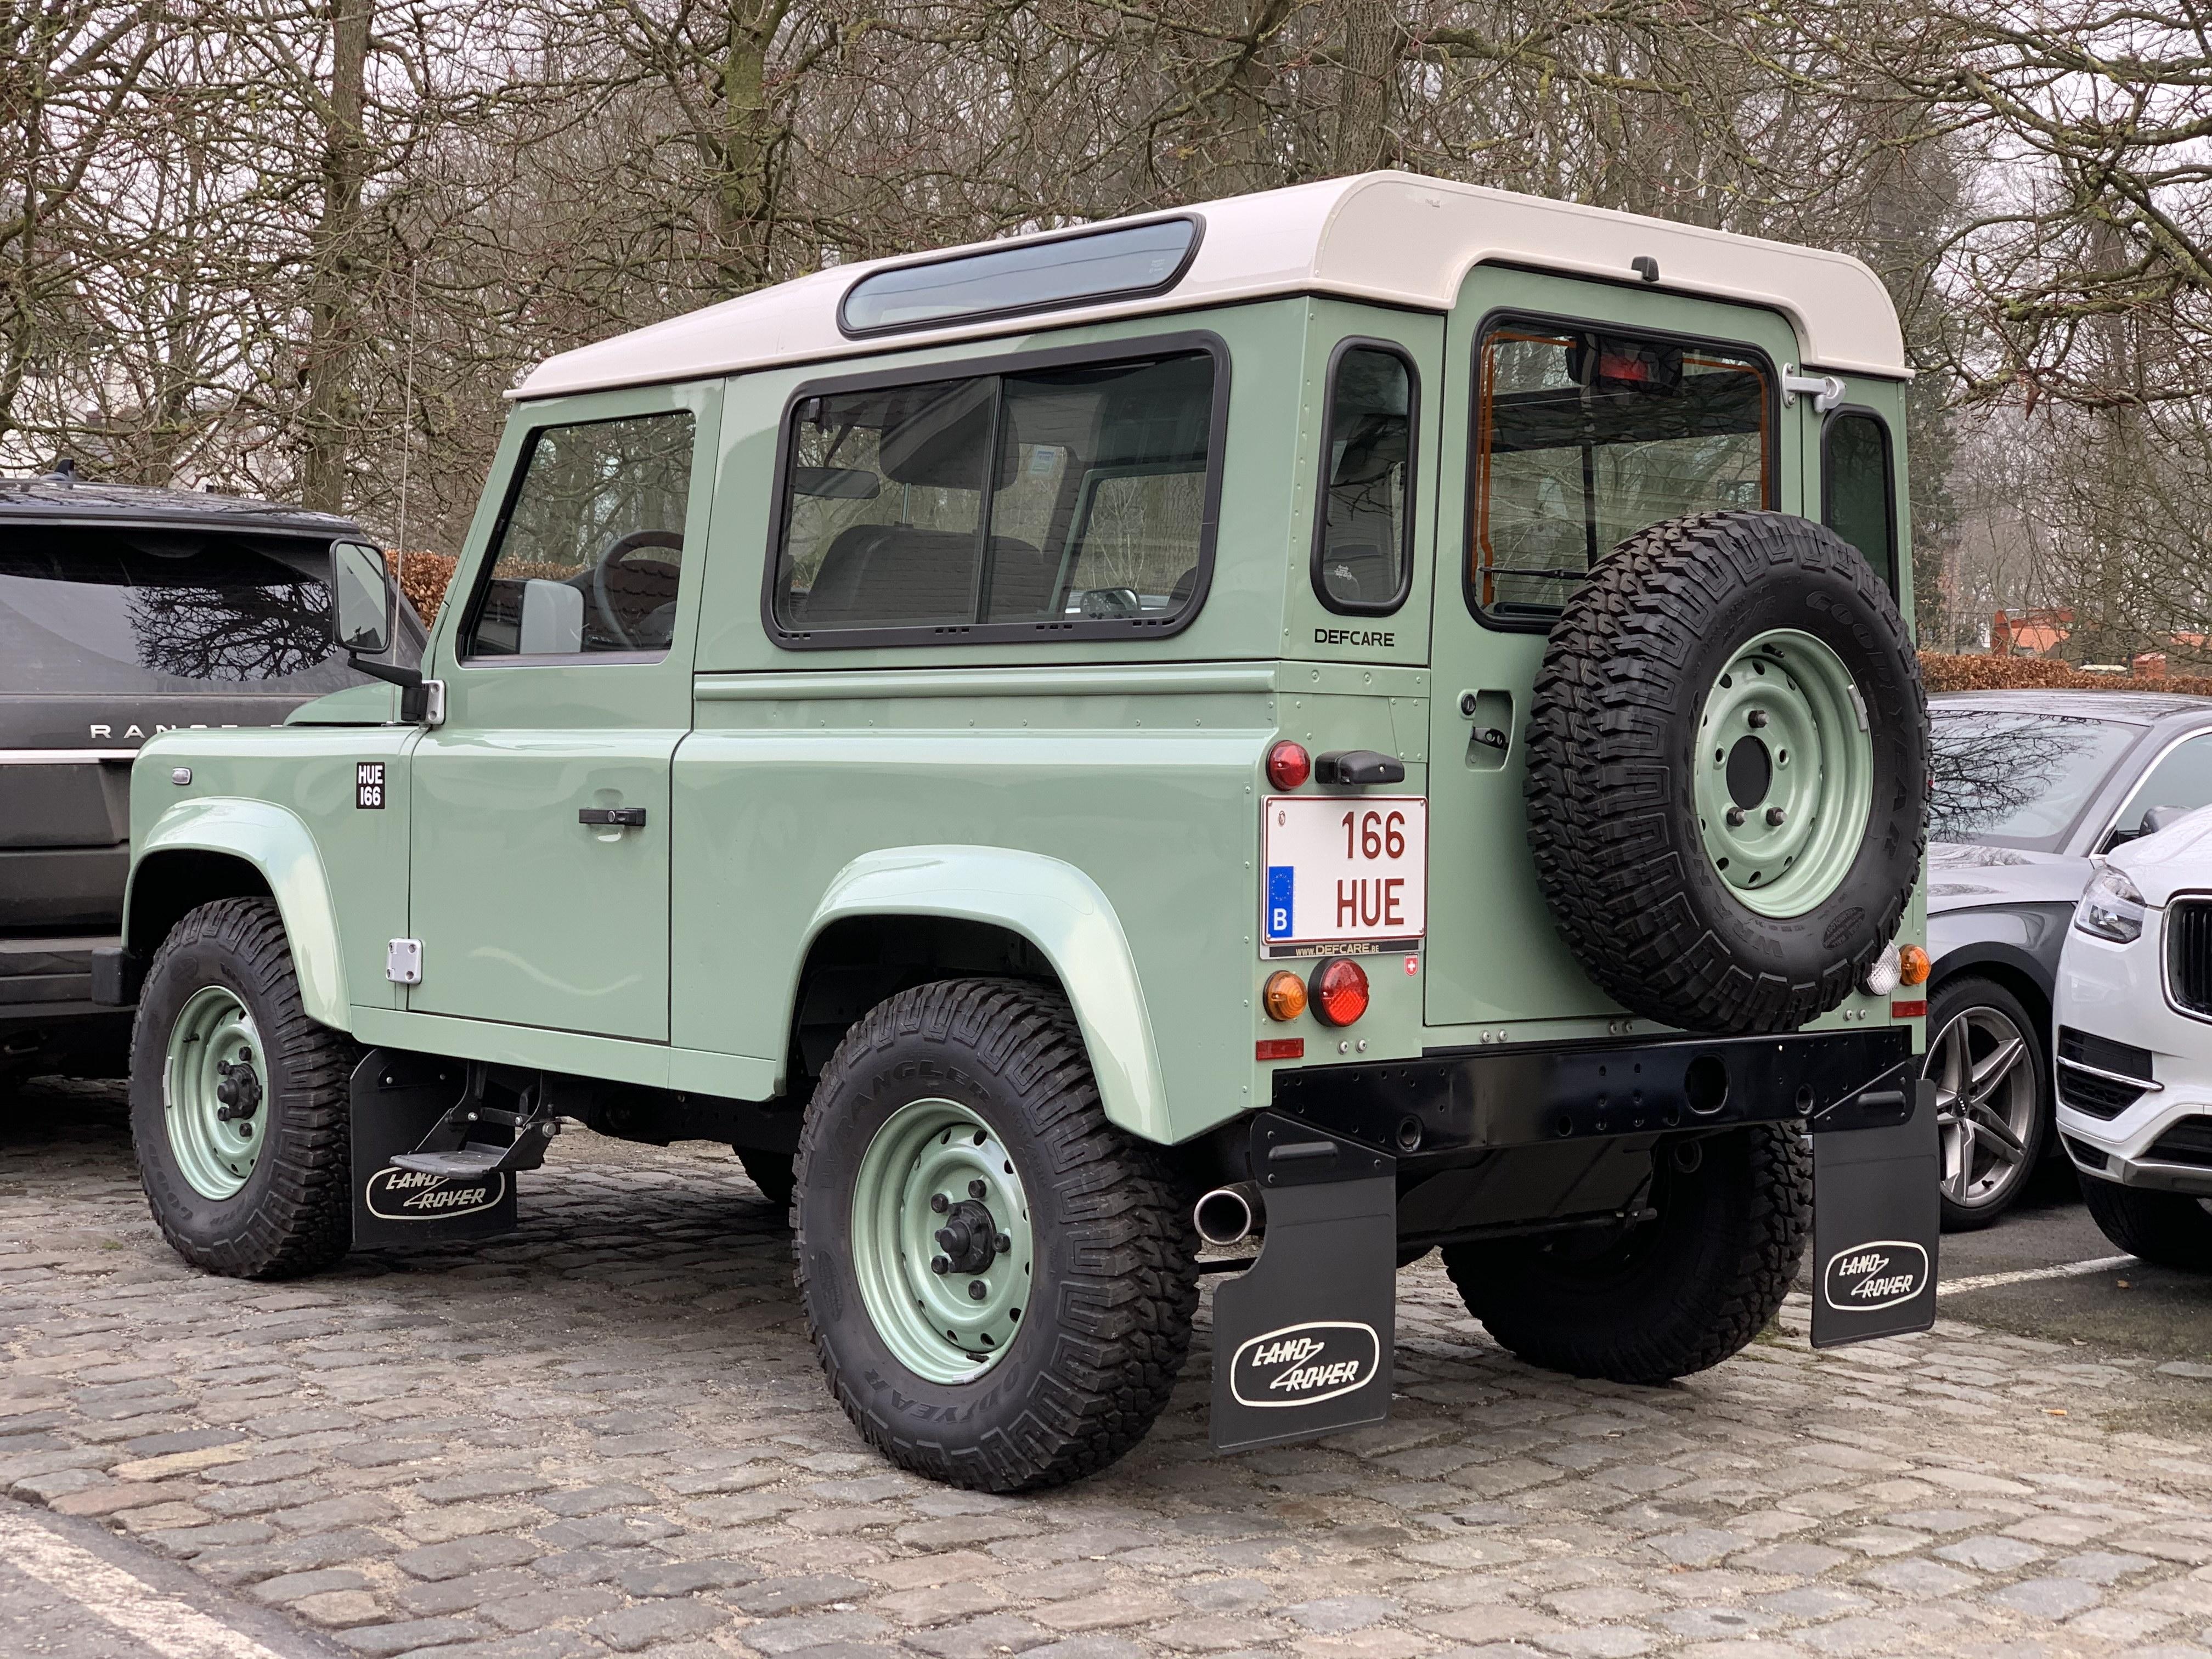 Land Rover Defender 166 Hue